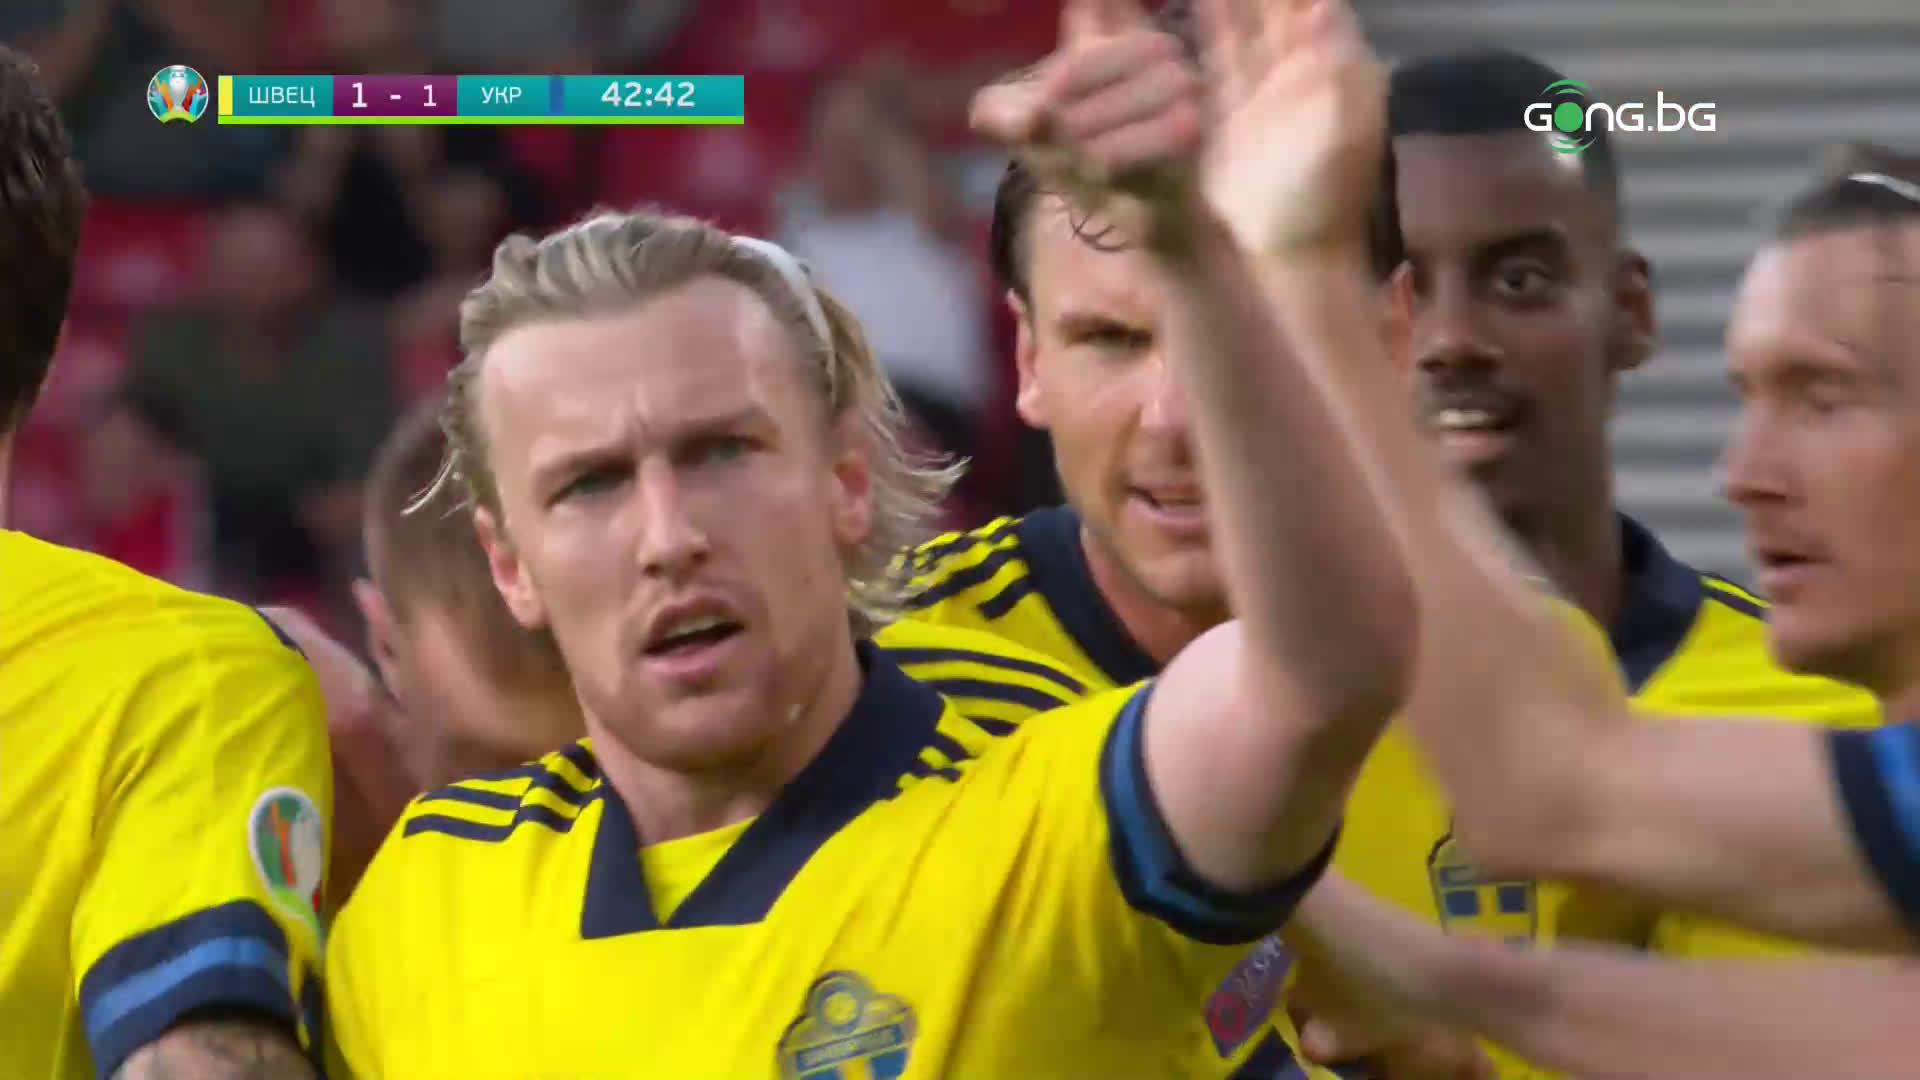 Швеция - Украйна 1:1 /първо полувреме/